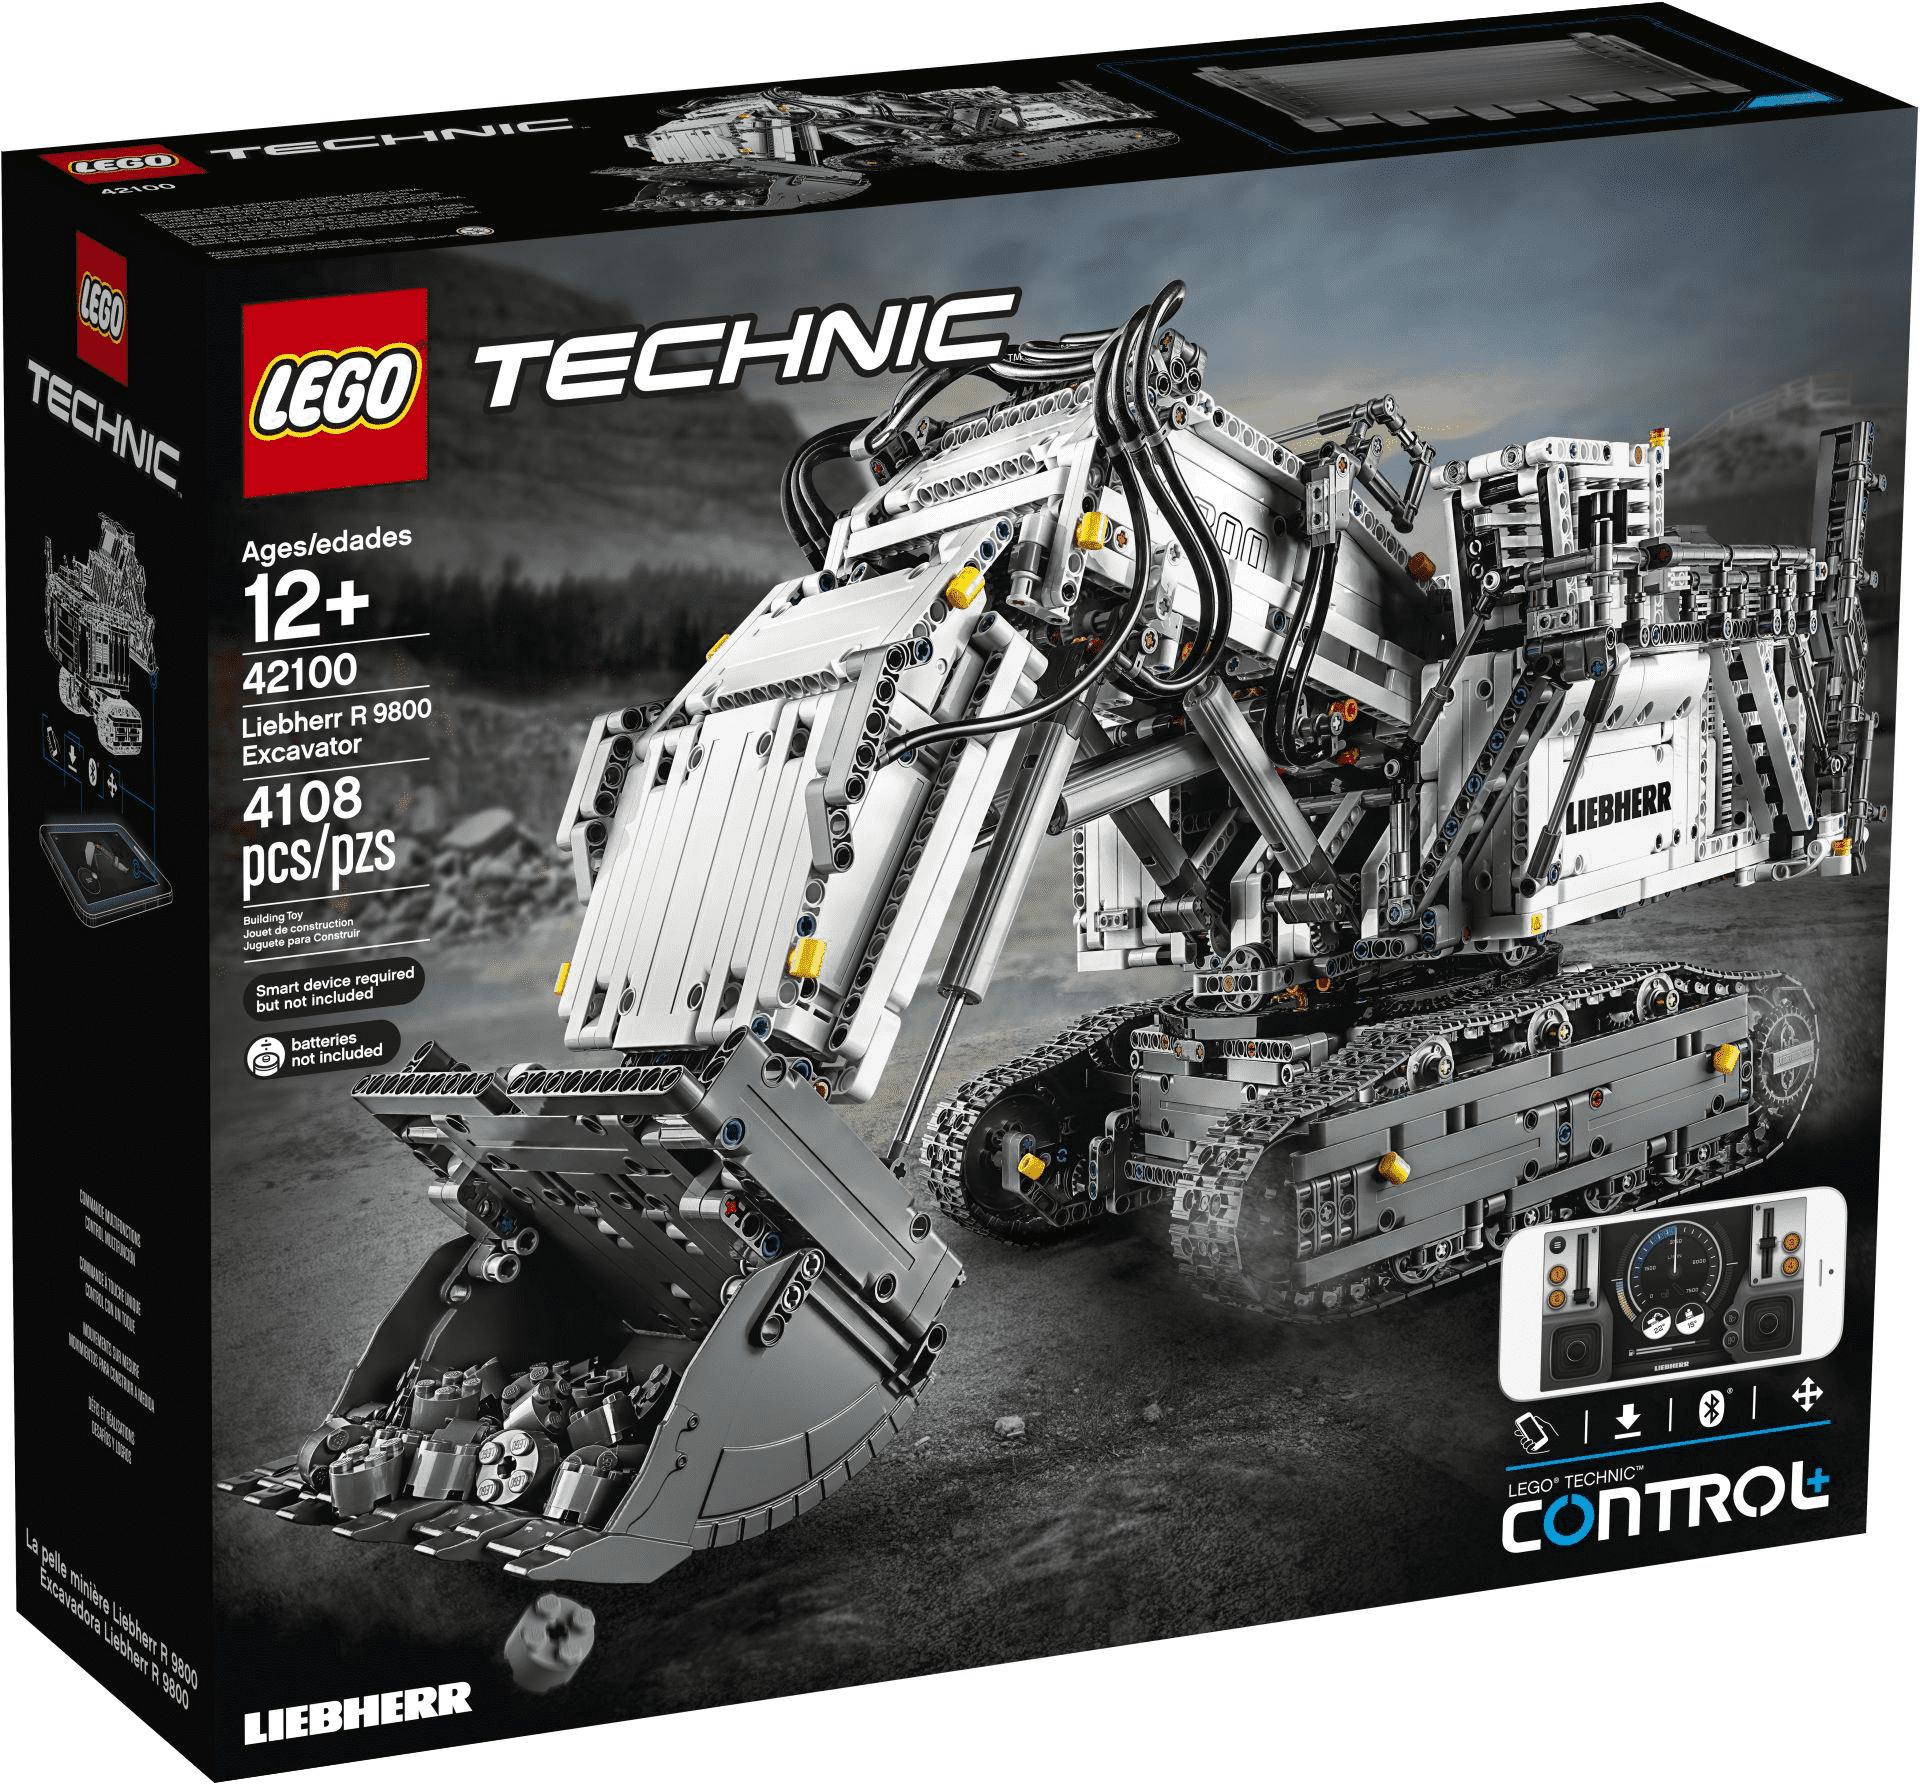 [MARKTKAUF] Minden/Hannover LEGO TECHNIC 42100 - Liebherr Bagger R9800 für 333,00€